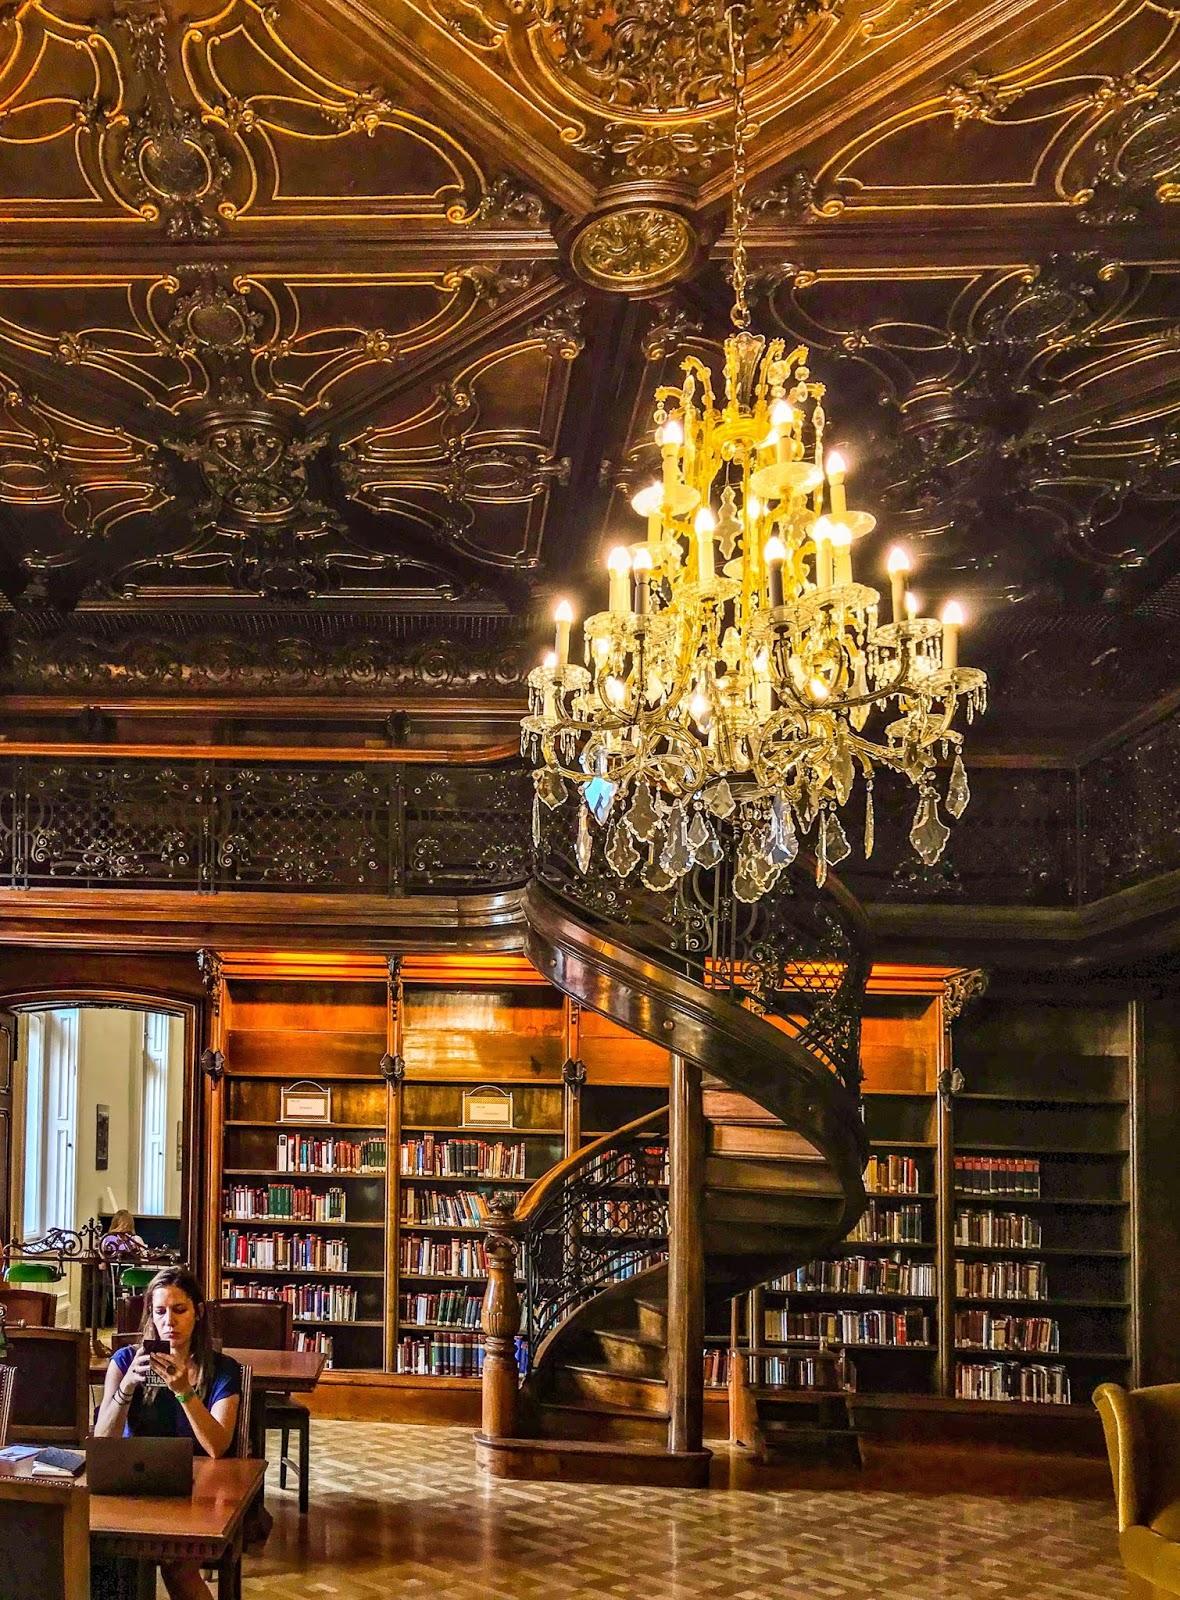 chandelier, ervin szabo library